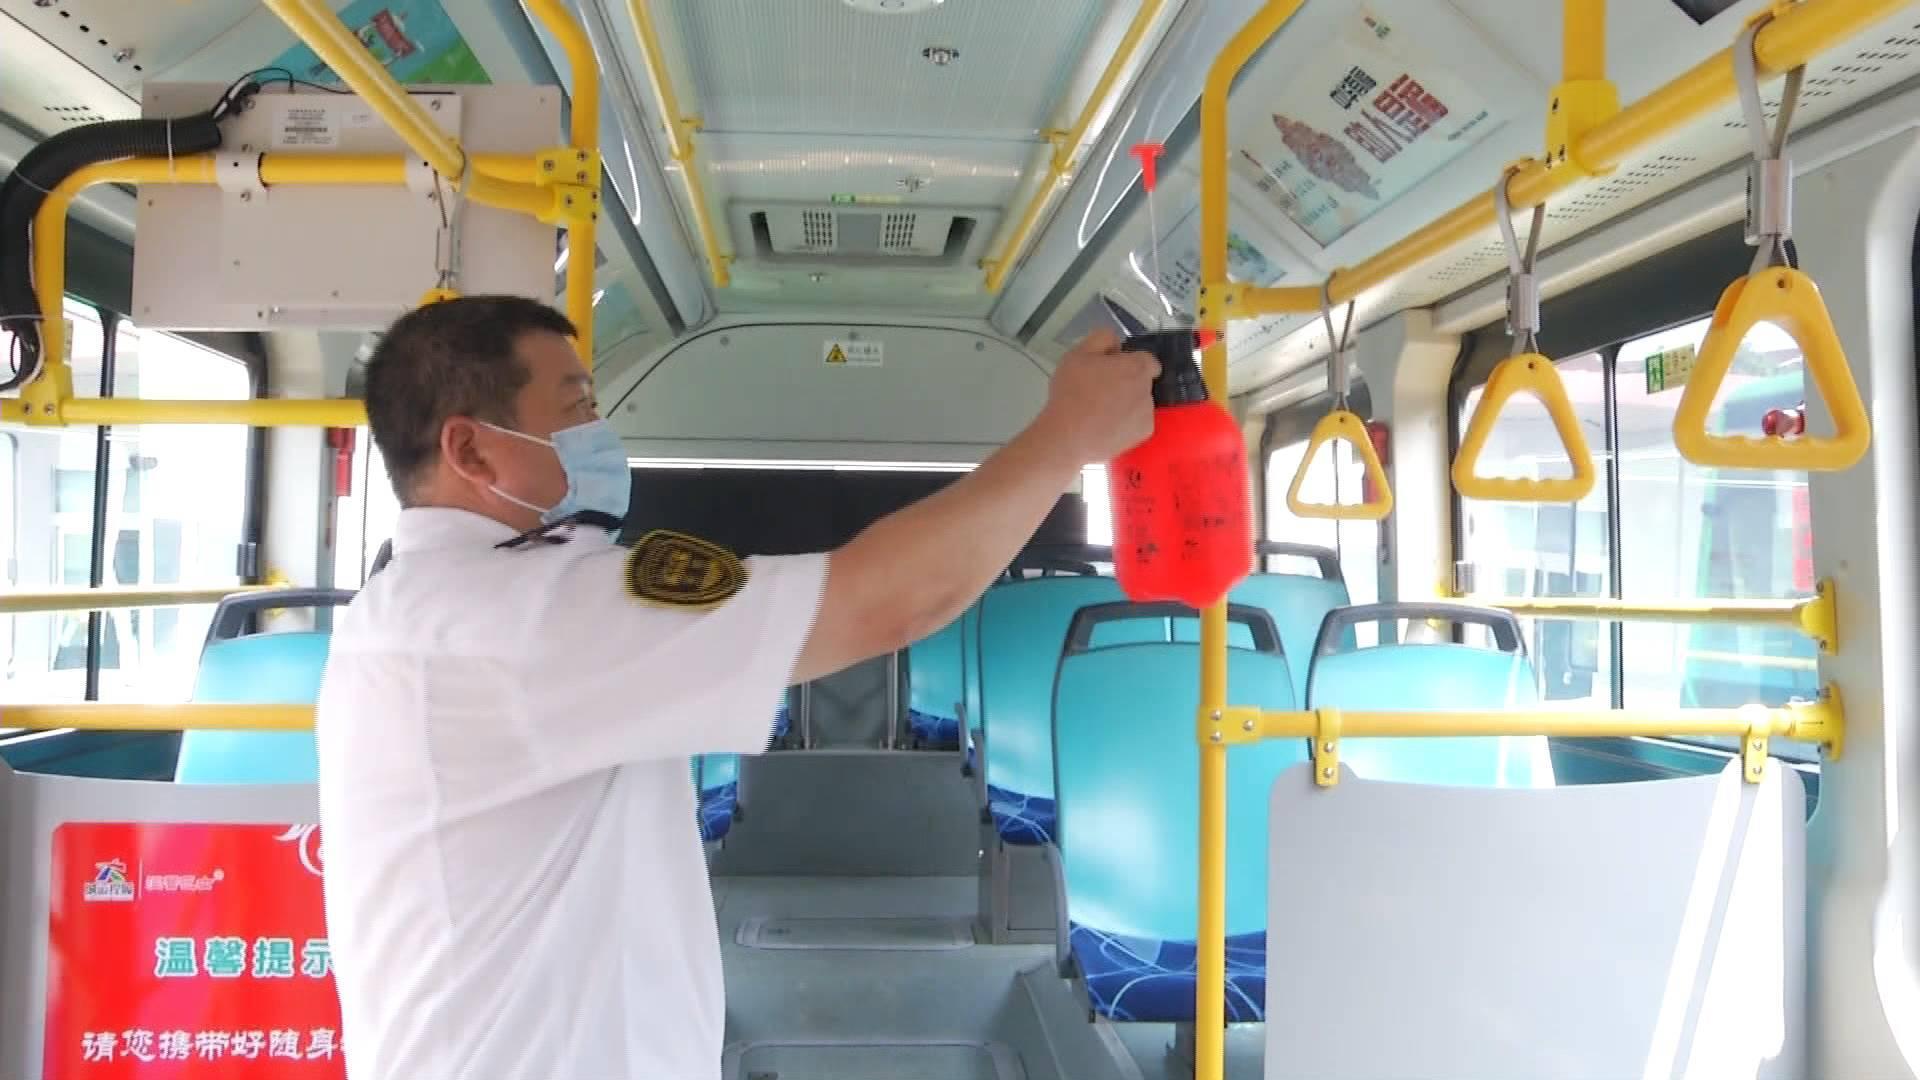 清洗空调滤网、开启外循环 青岛公交地铁严格落实防控消杀措施